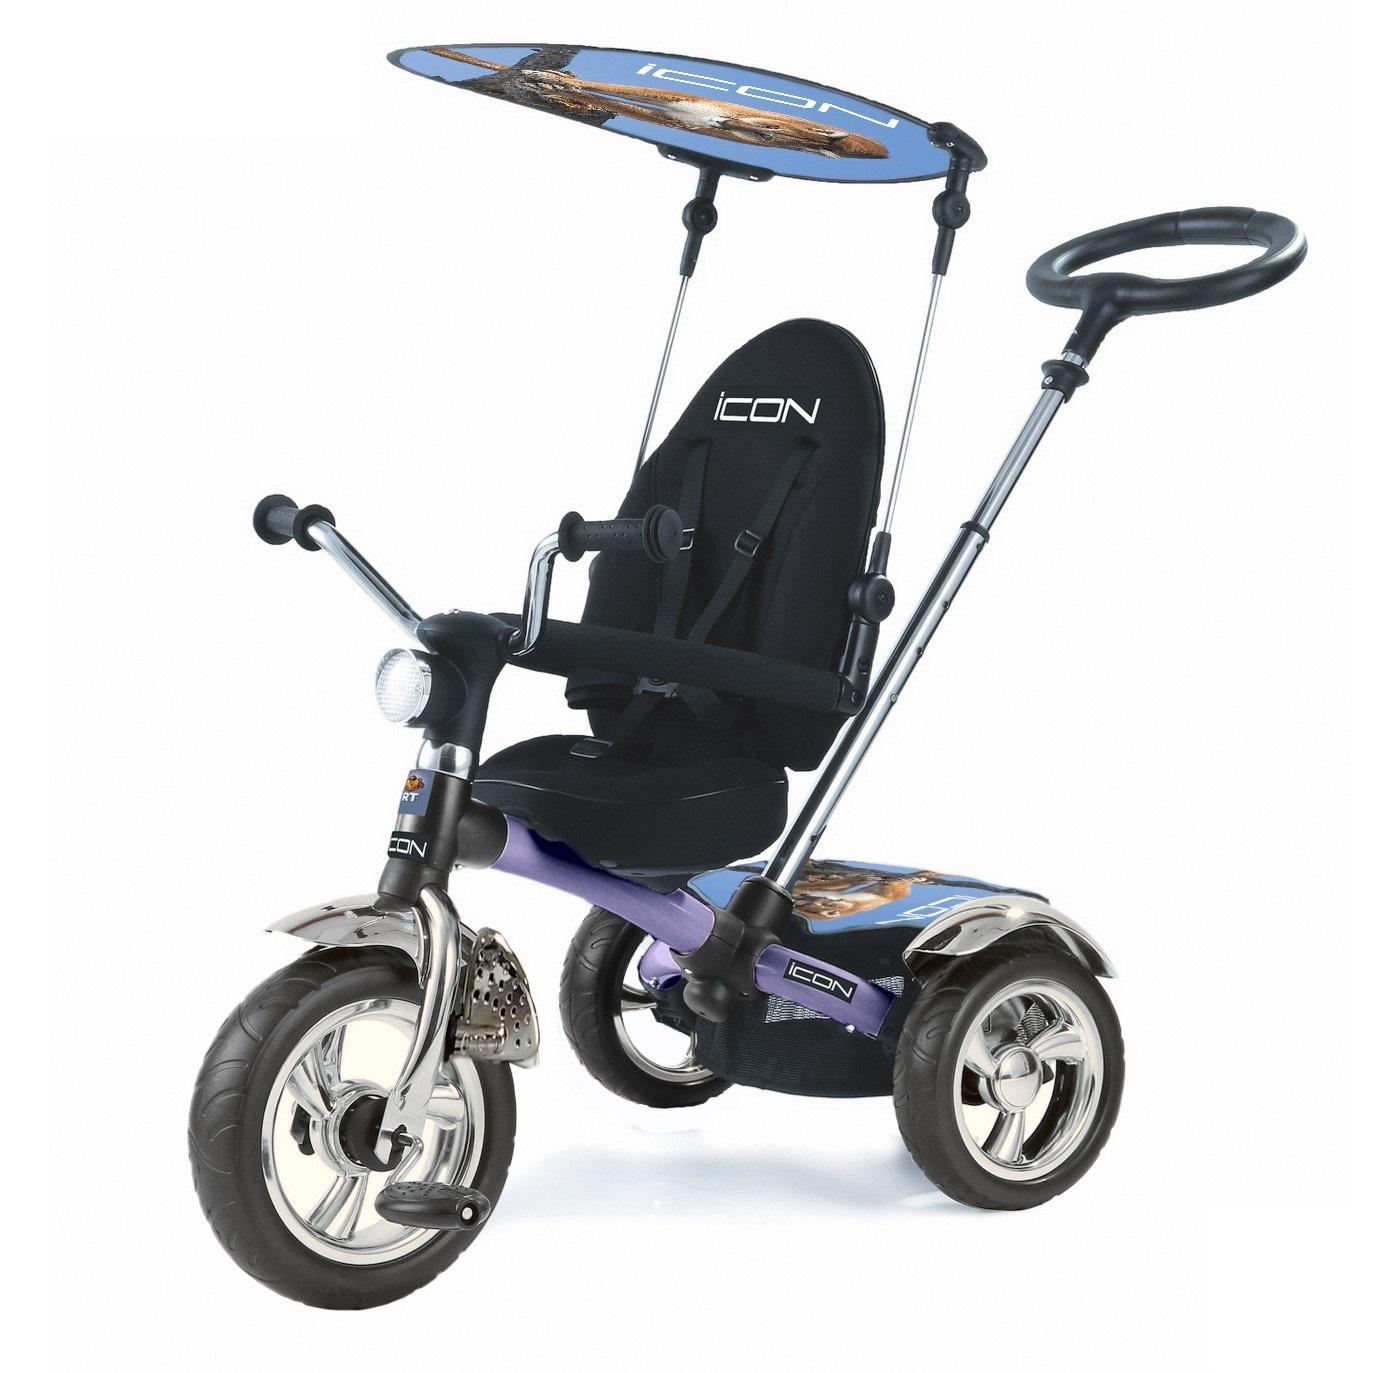 Купить ICON Трёхколёсный велосипед Lexus trike original 3 RT , цвет silver-blue pum 4013, Китай